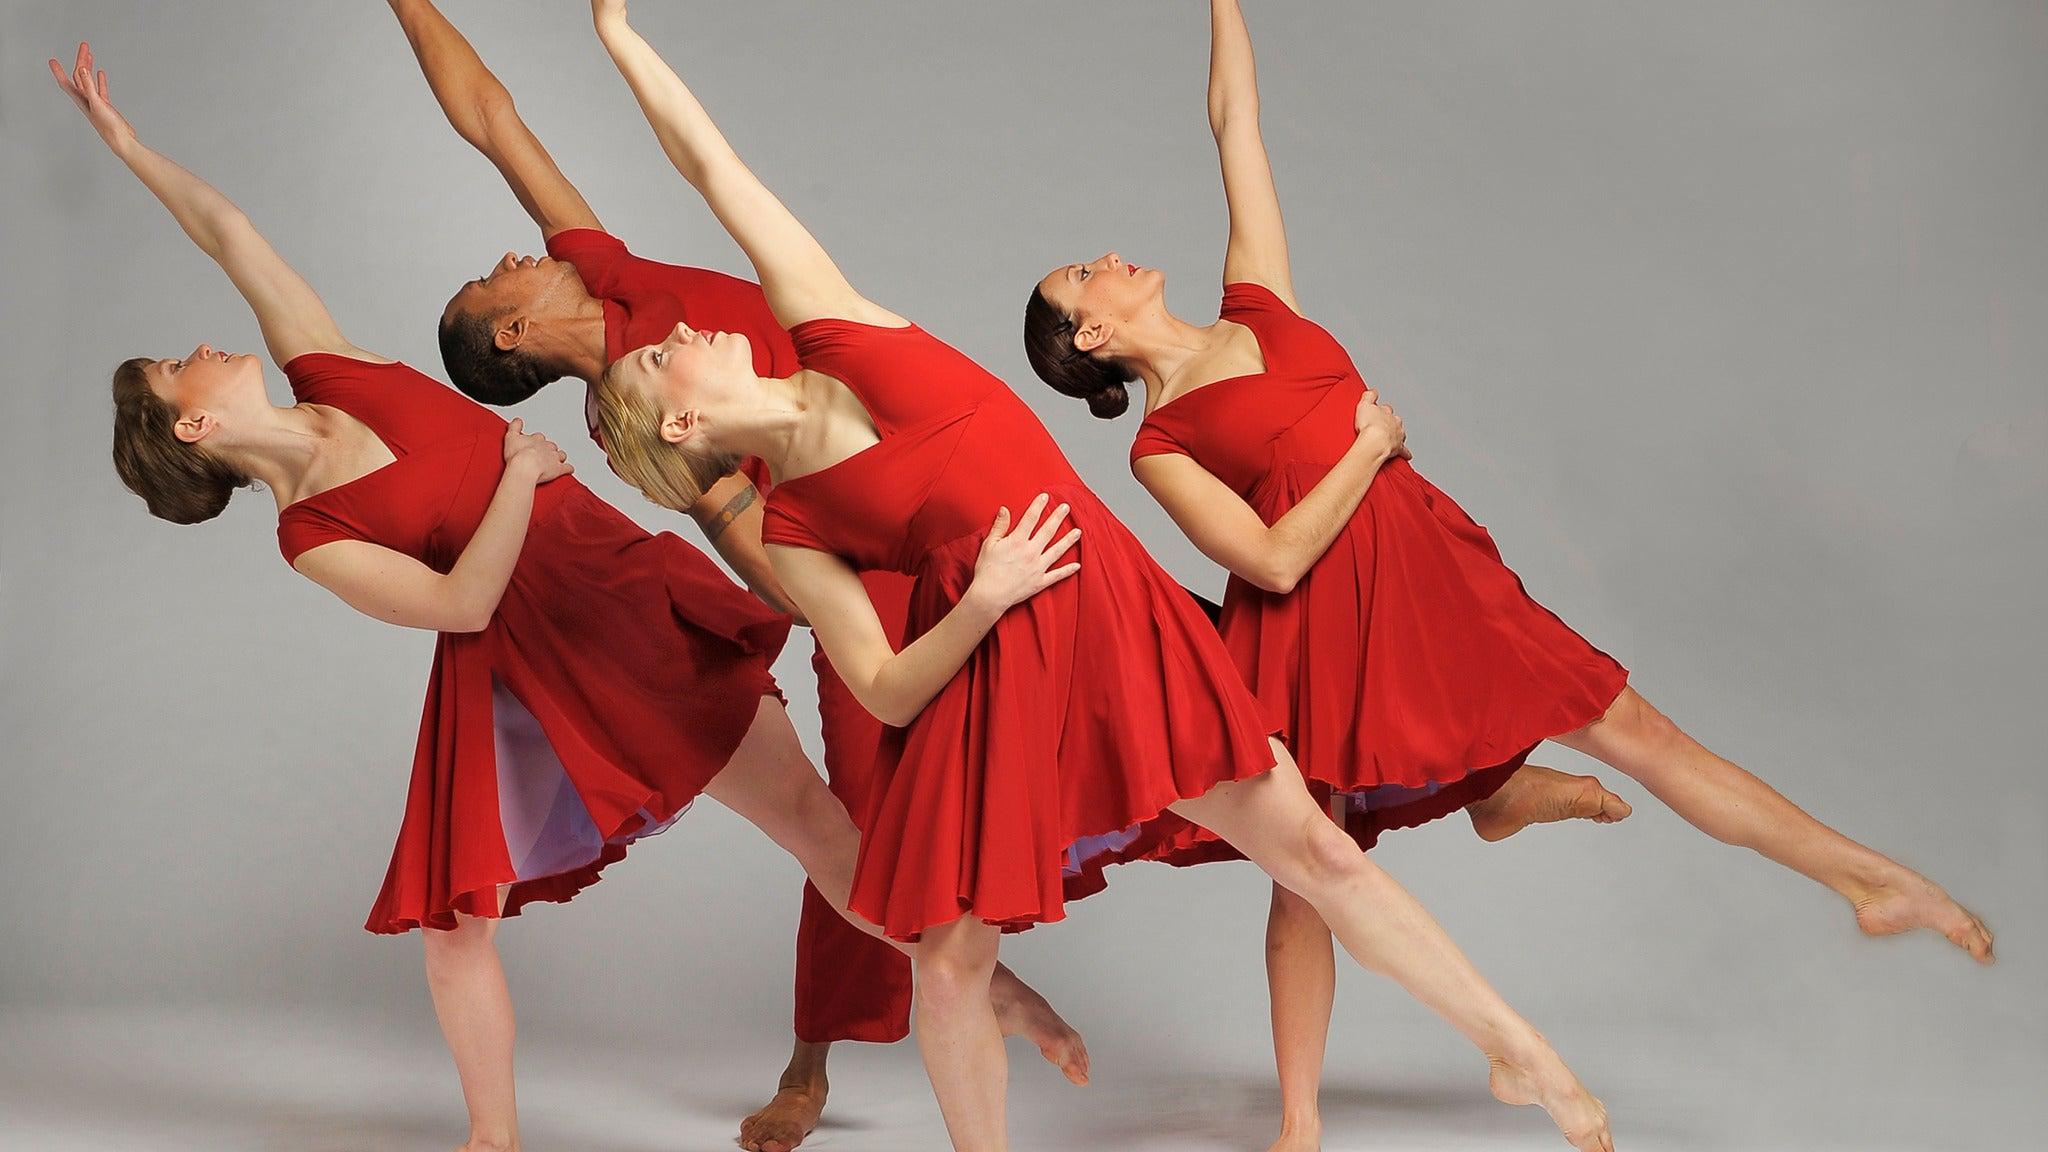 The Festival of Dance